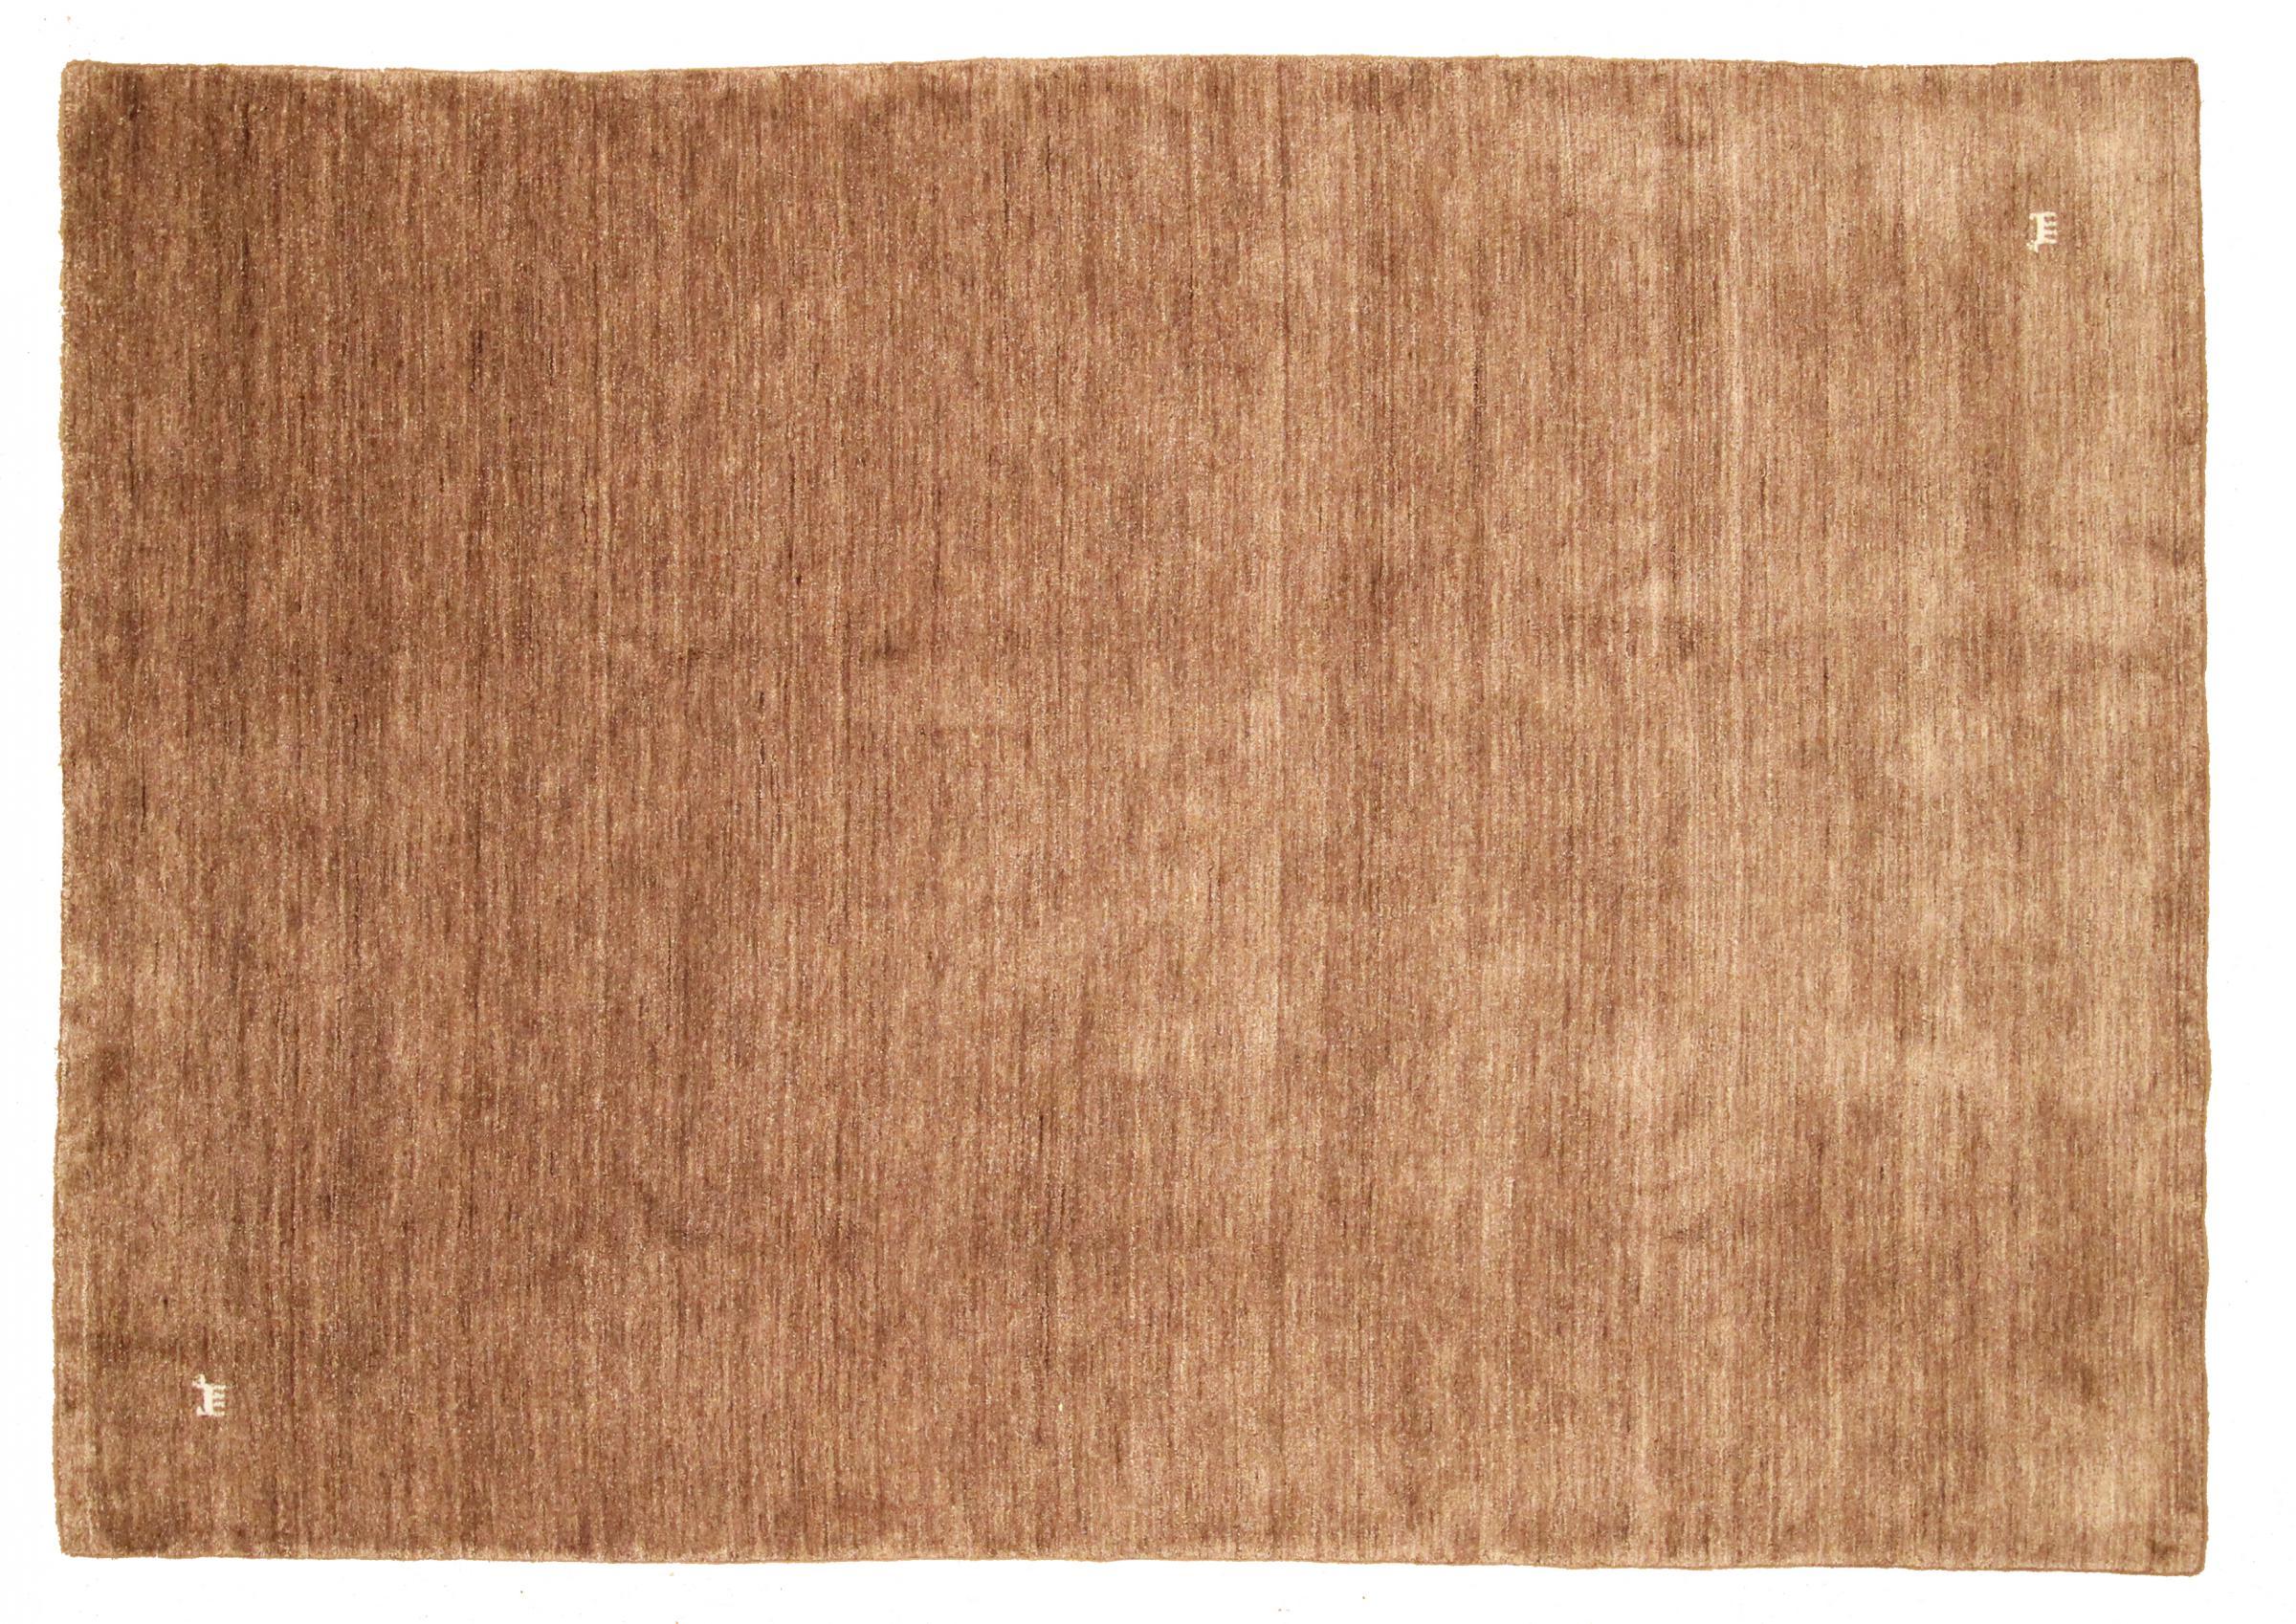 loom gabbeh indischer teppich 300x200 id21982 kaufen sie. Black Bedroom Furniture Sets. Home Design Ideas